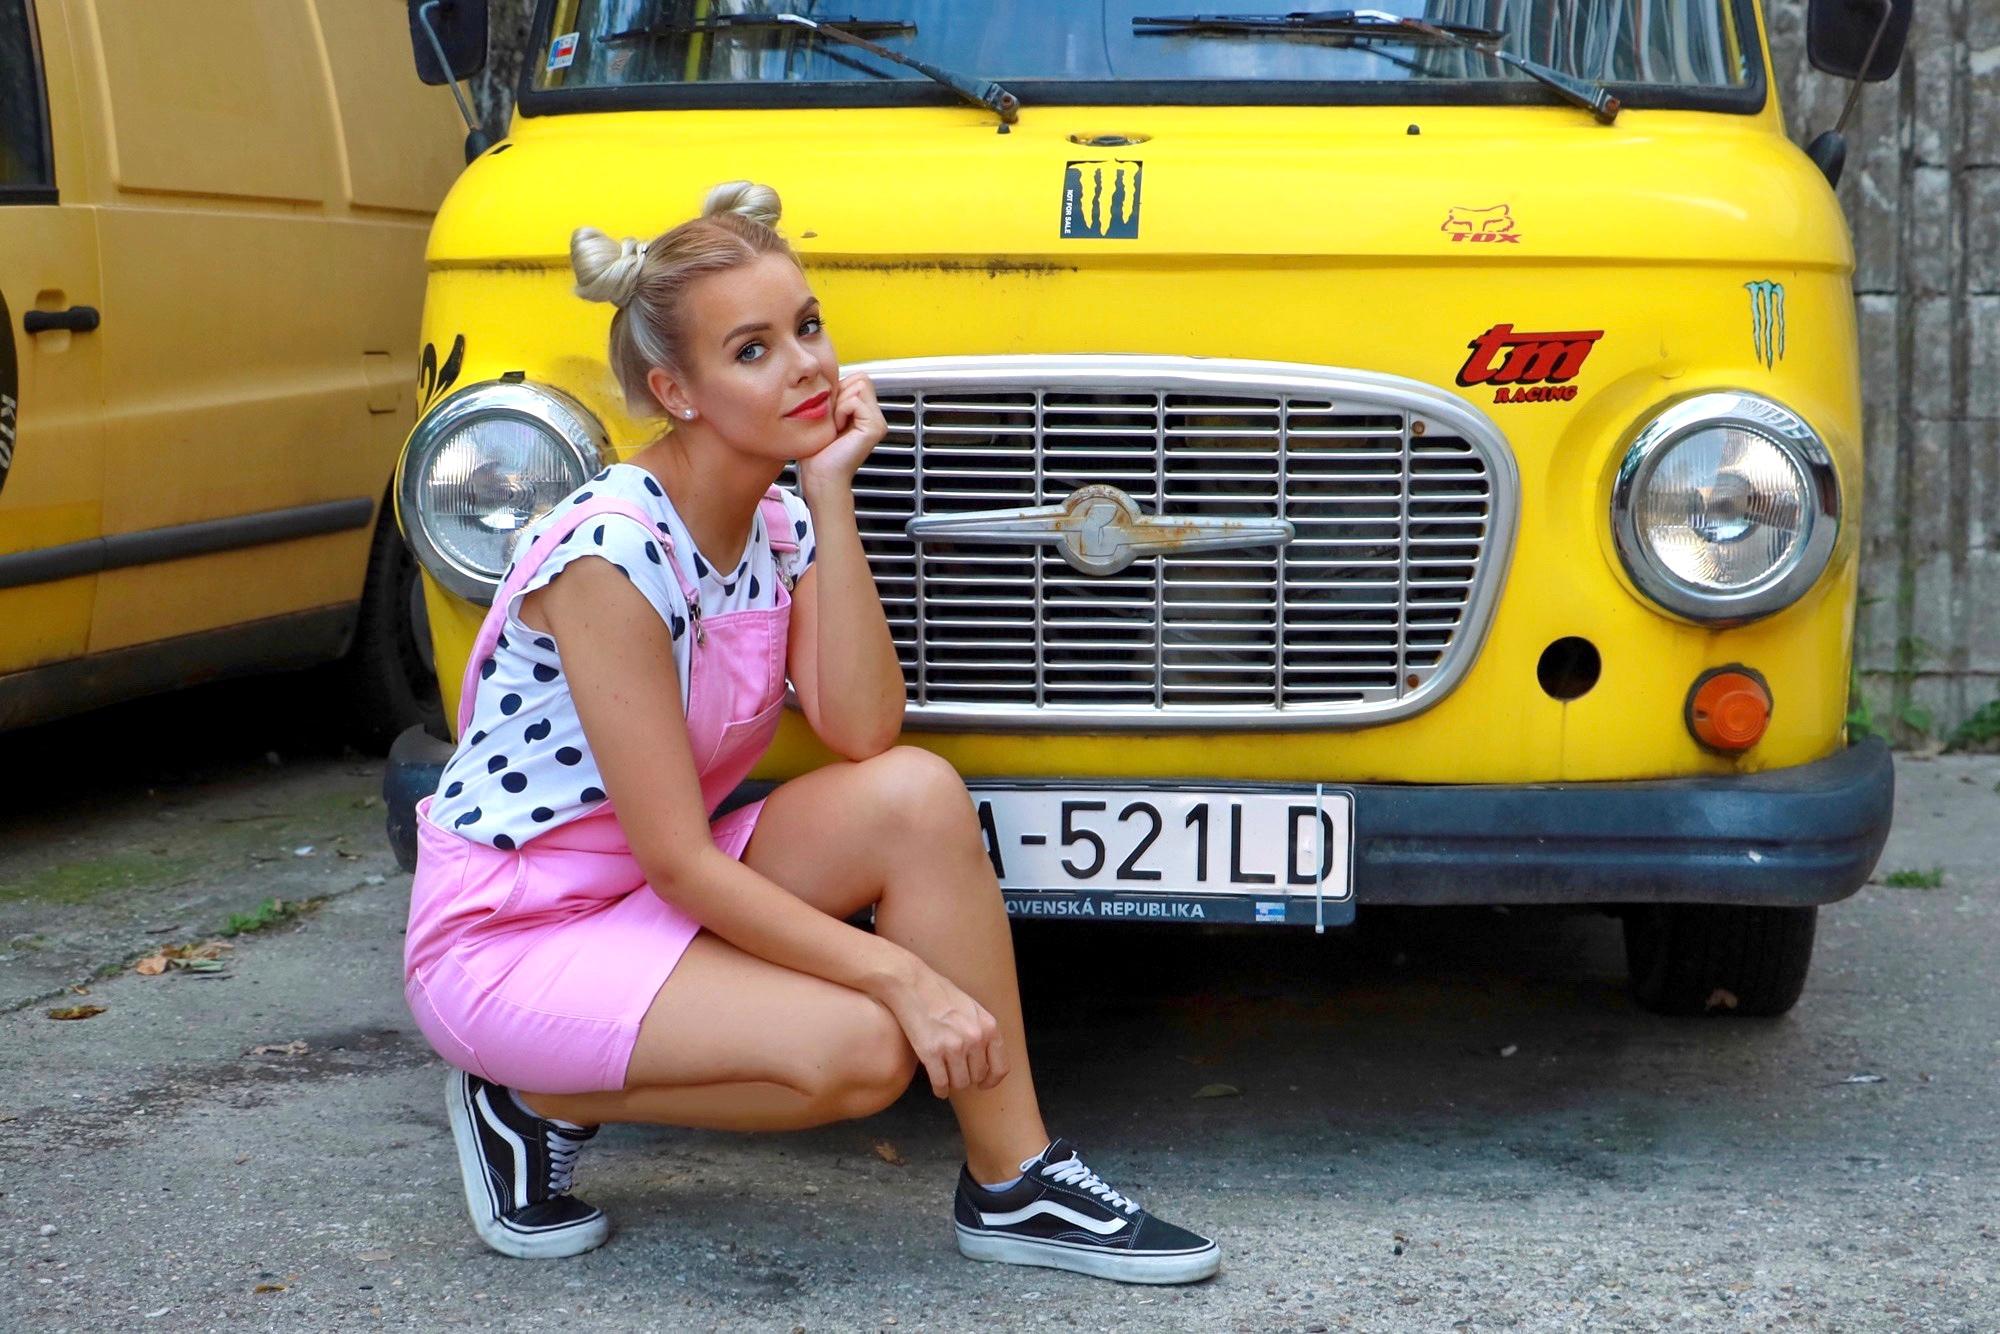 Dnesnosim oblečenie moda fashion Bratislava